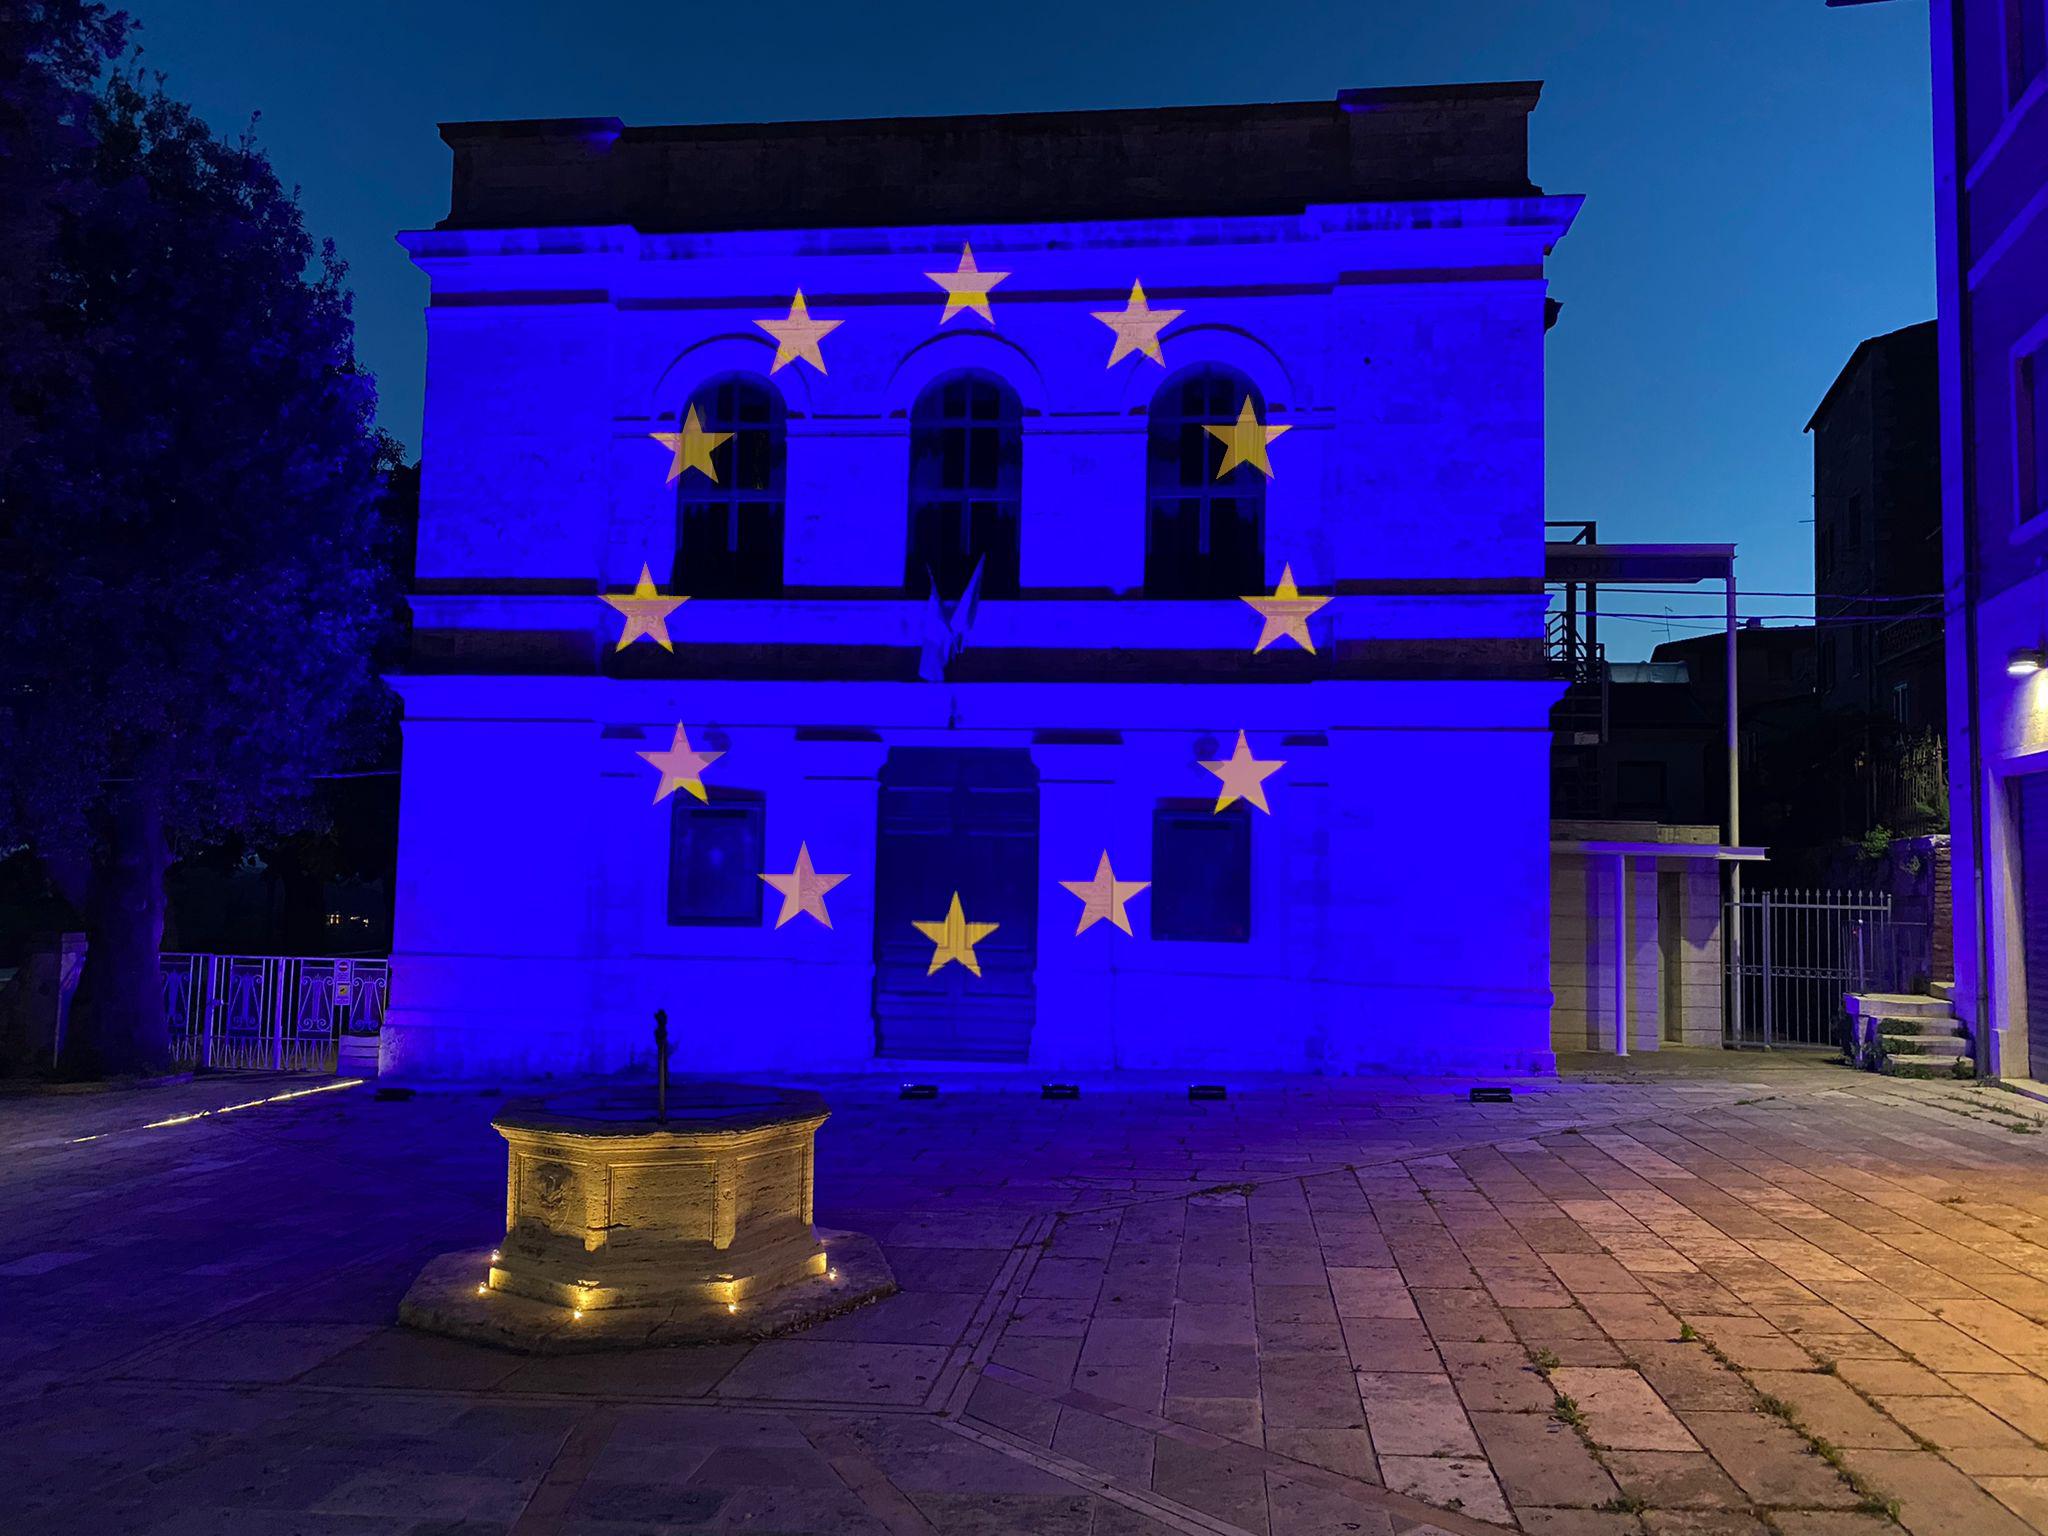 Teatro del Popolo di Lucignano con illuminazione architettonica blu e proiezione delle stelle UE